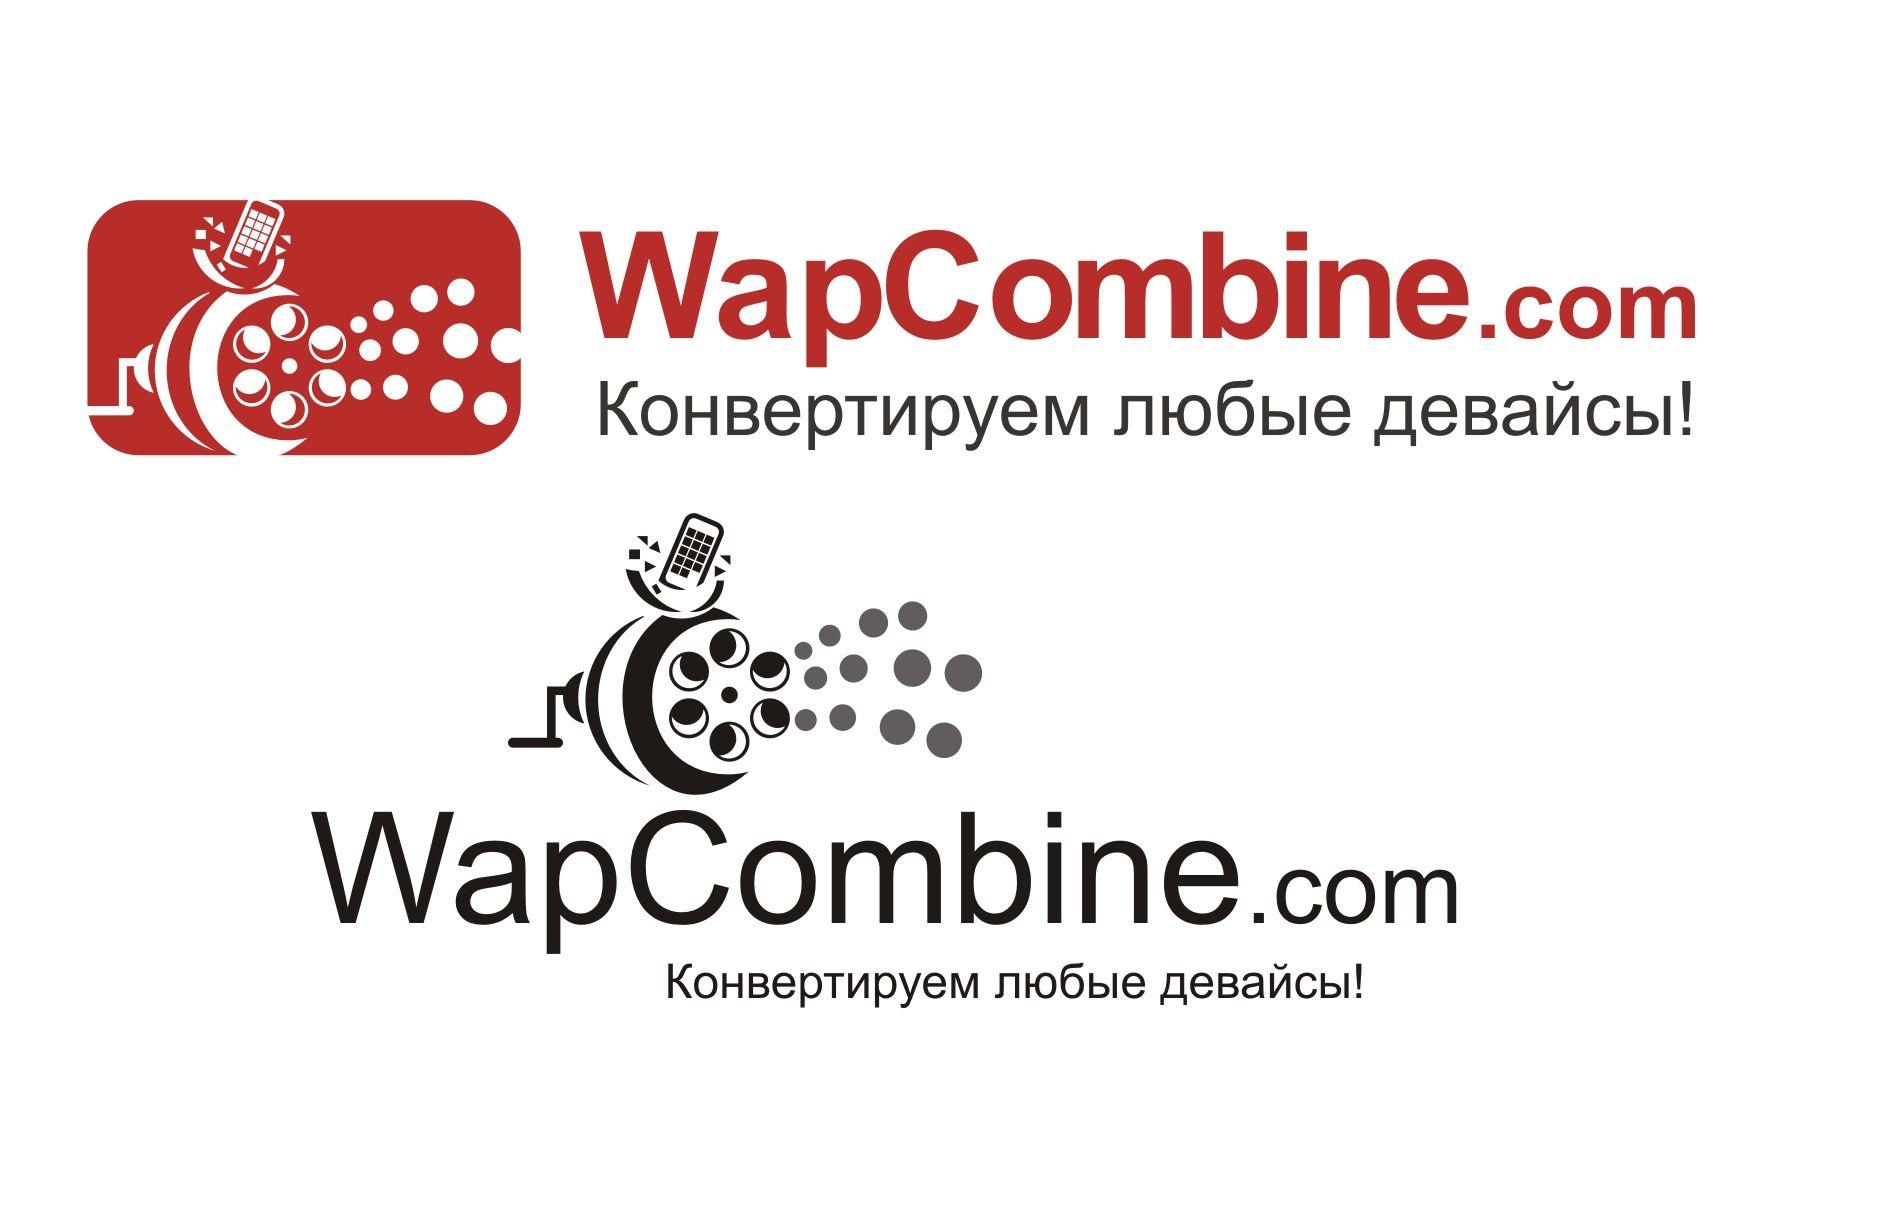 Логотип для мобильной партнерской программы - дизайнер LiXoOnshade